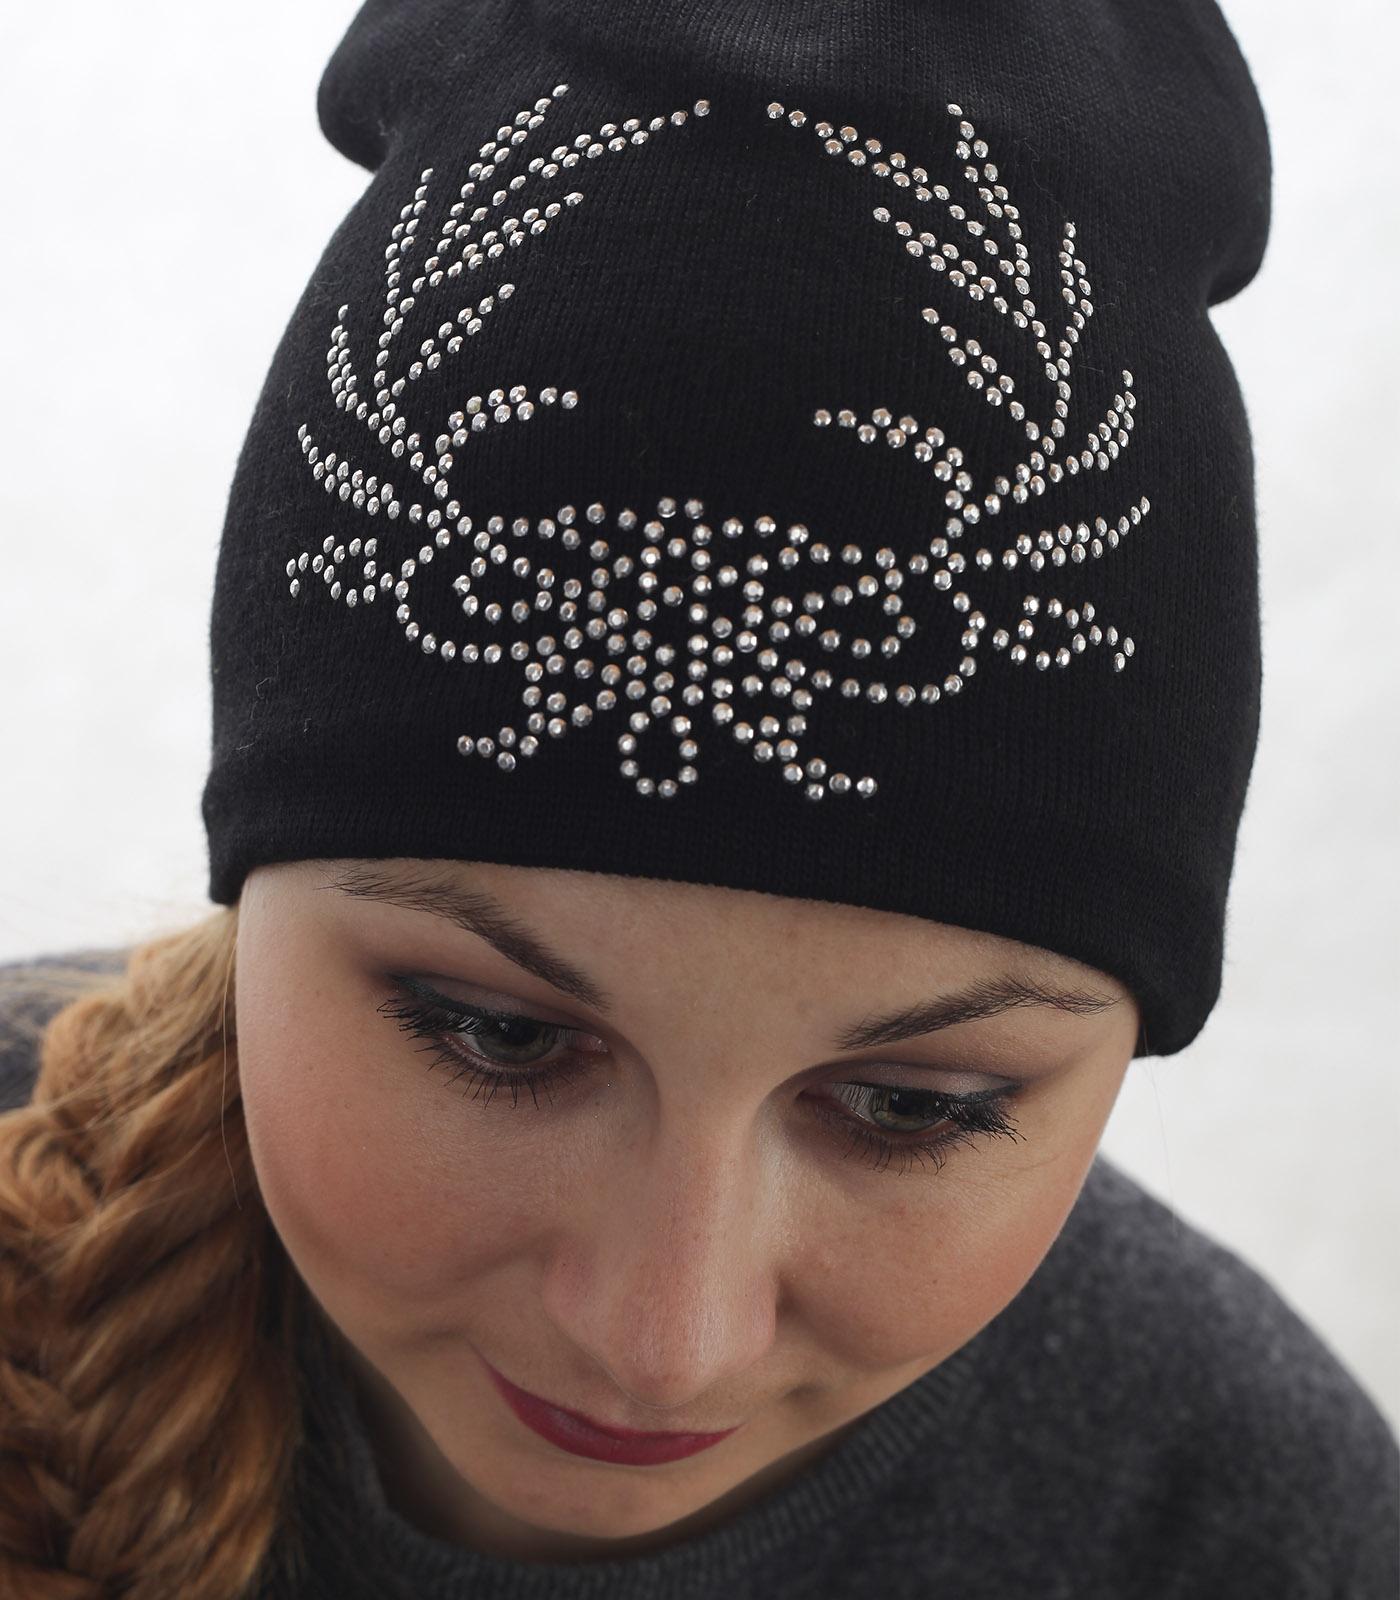 Черная молодежная шапка – модный дизайн, низкая цена